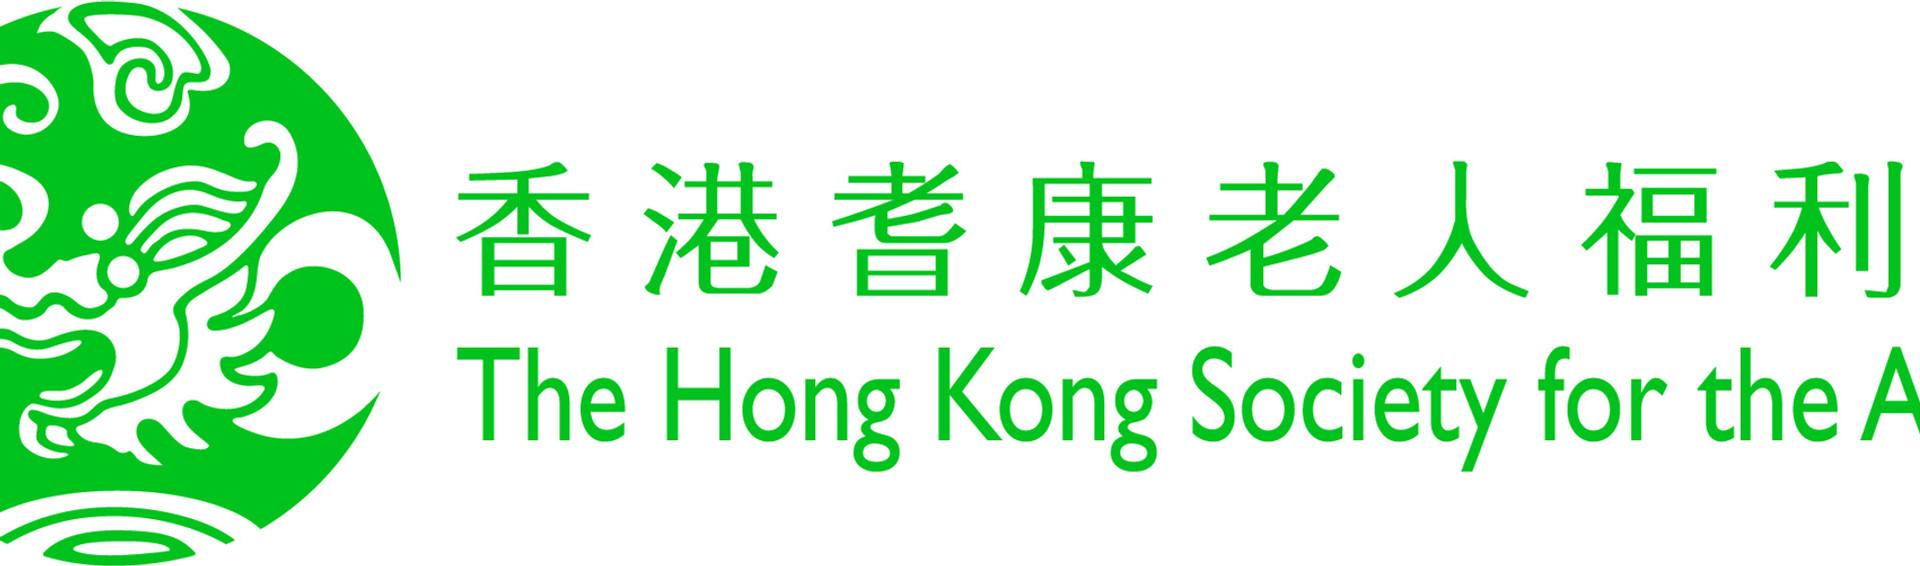 0148_sage logo.jpg